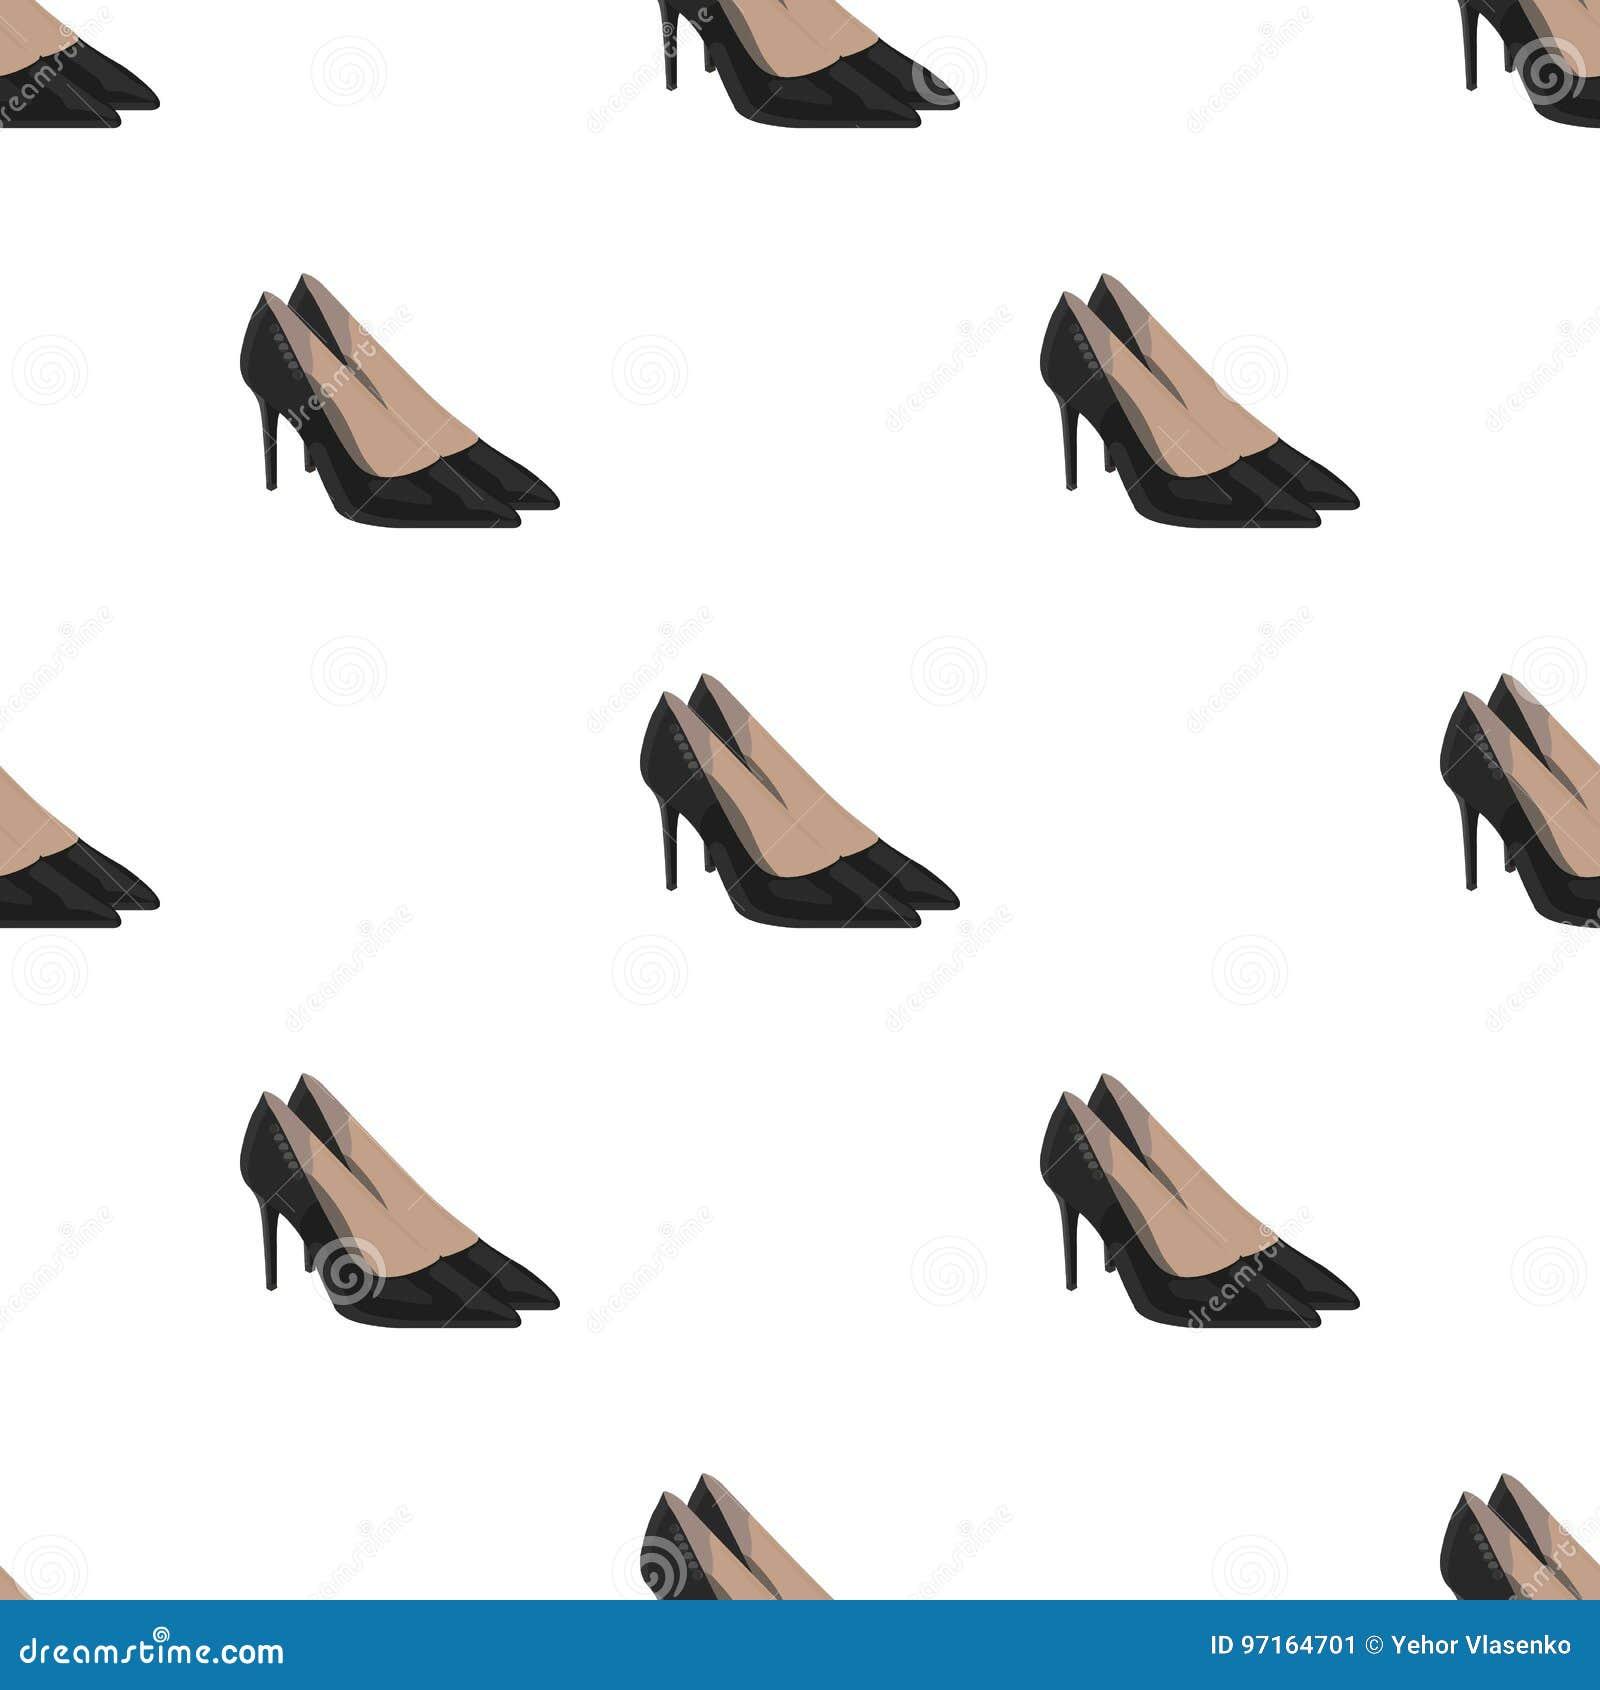 Cuero Los ` Talones De Las Zapatos Del S Con Calzados Mujeres 58F6q81wCx